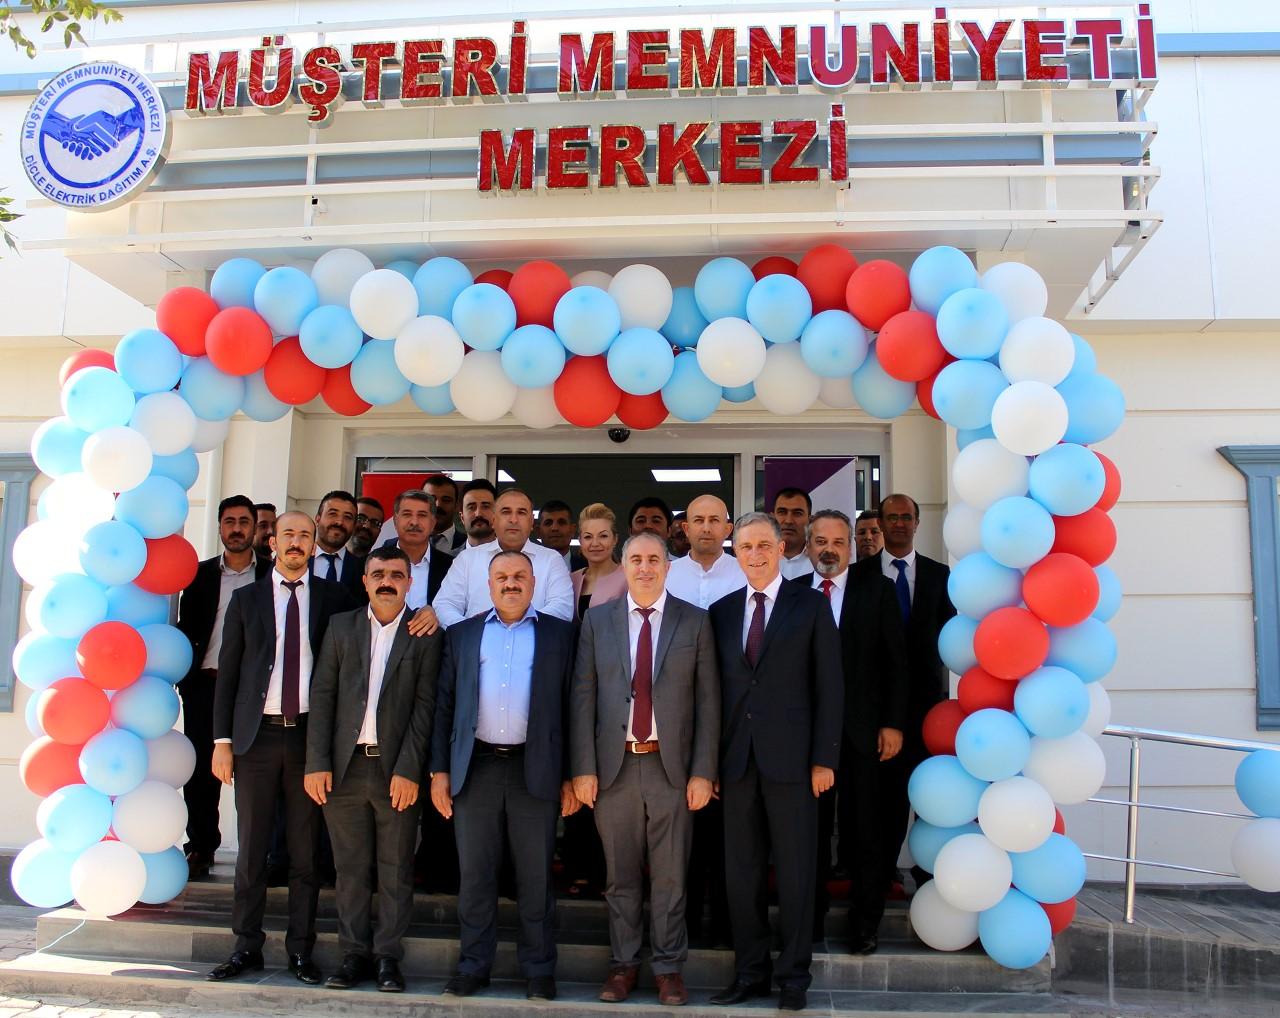 Dicle Elektrik Şanlıurfa Müşteri Memnuniyeti Merkezi Açıldı